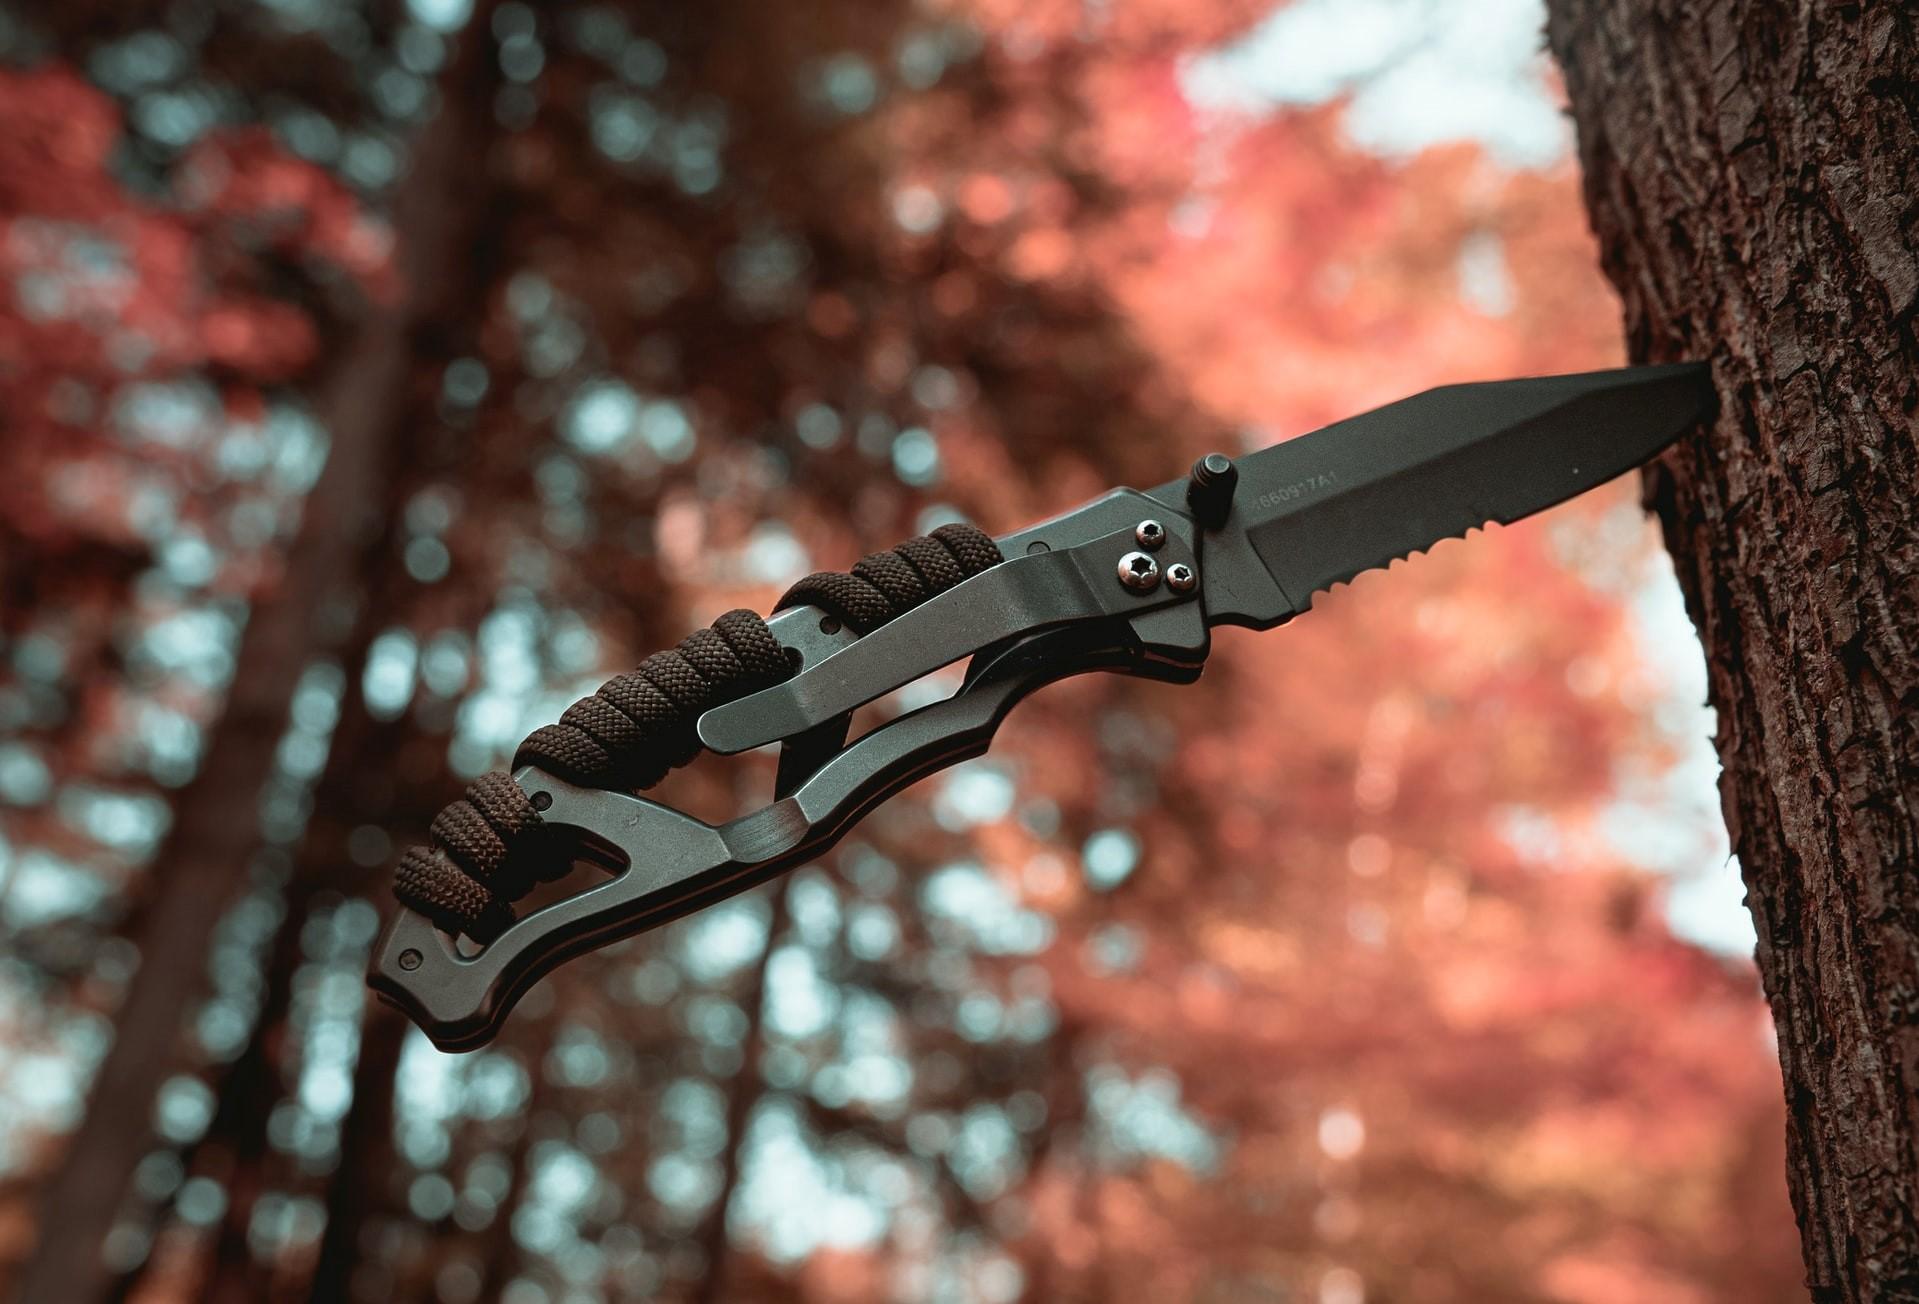 Couteau planté dans un arbre - Schémas d'inadaptation de Young & mécanismes de défense